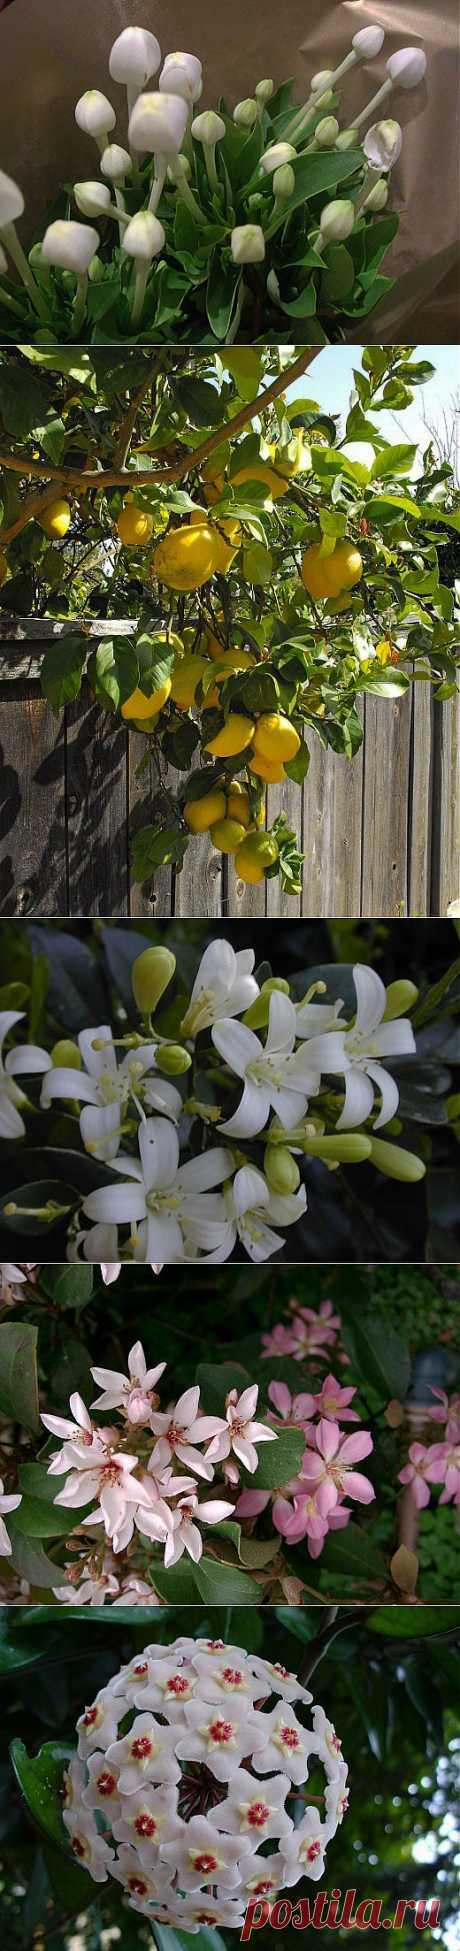 Ароматы круглый год: душистые растения для комнат и зимних садов | Самоцветик